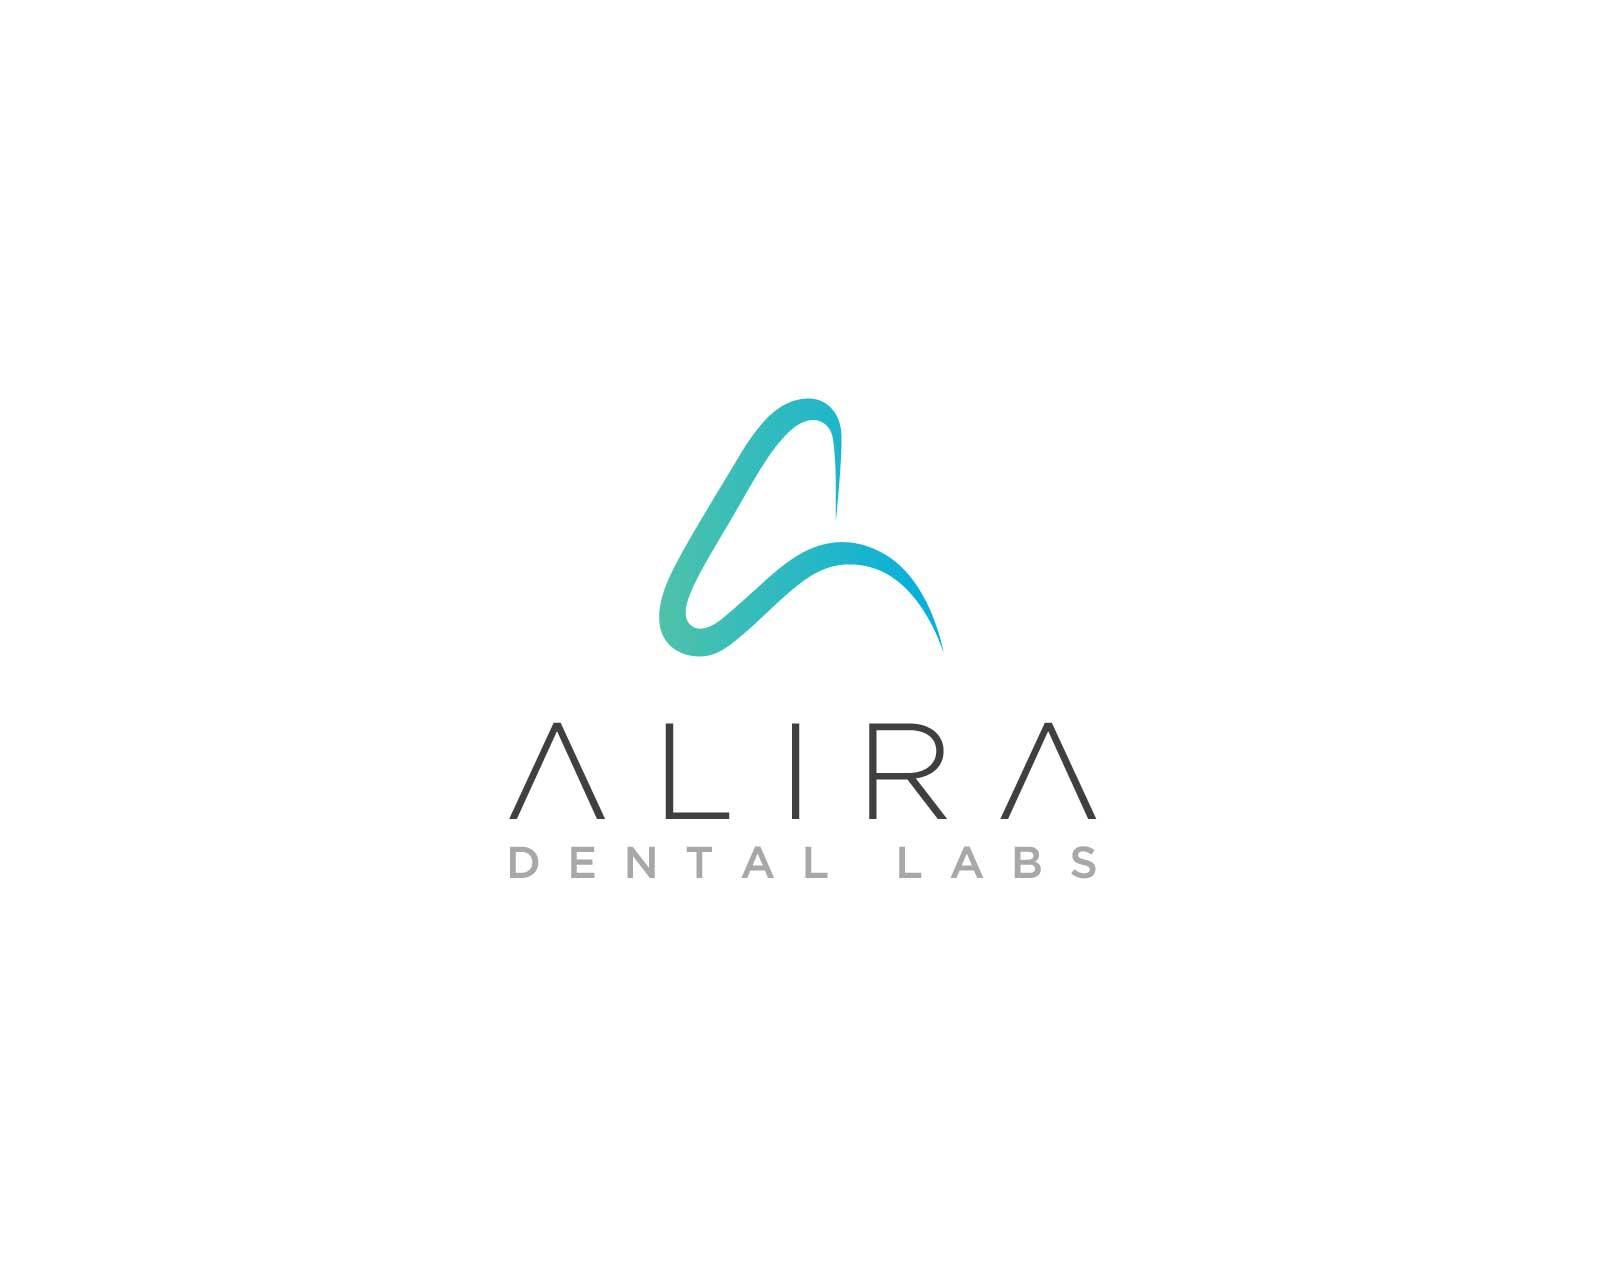 Design an elegant Logo for Alira Dental Labs Inc.